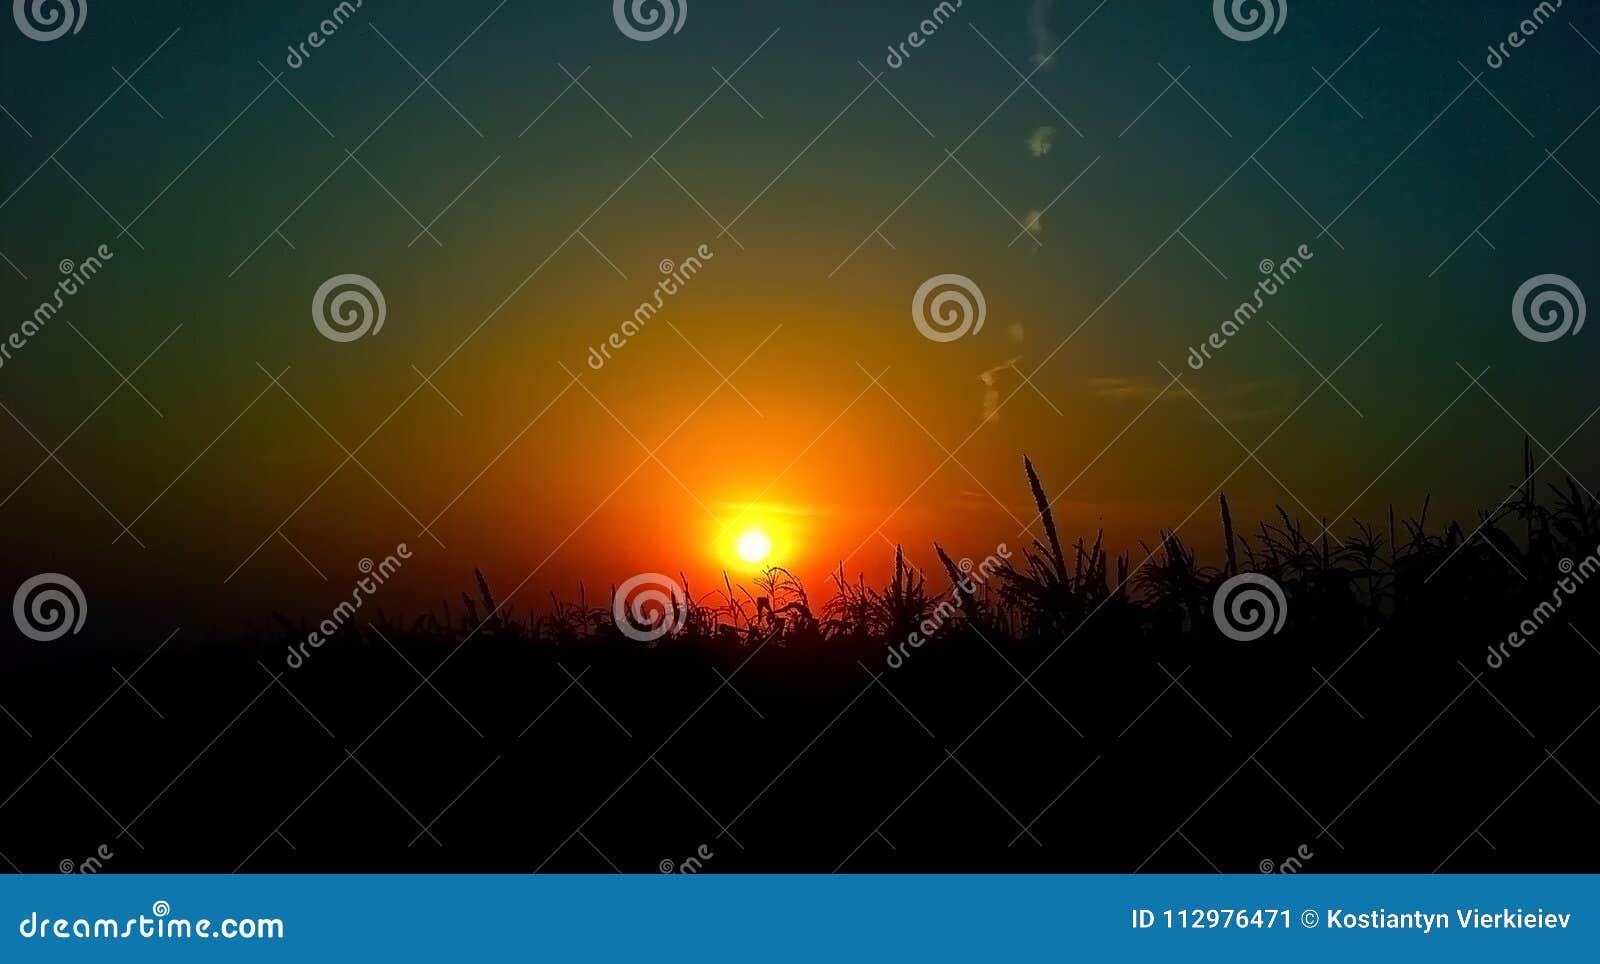 Sunset on the cornfield in Ukraine